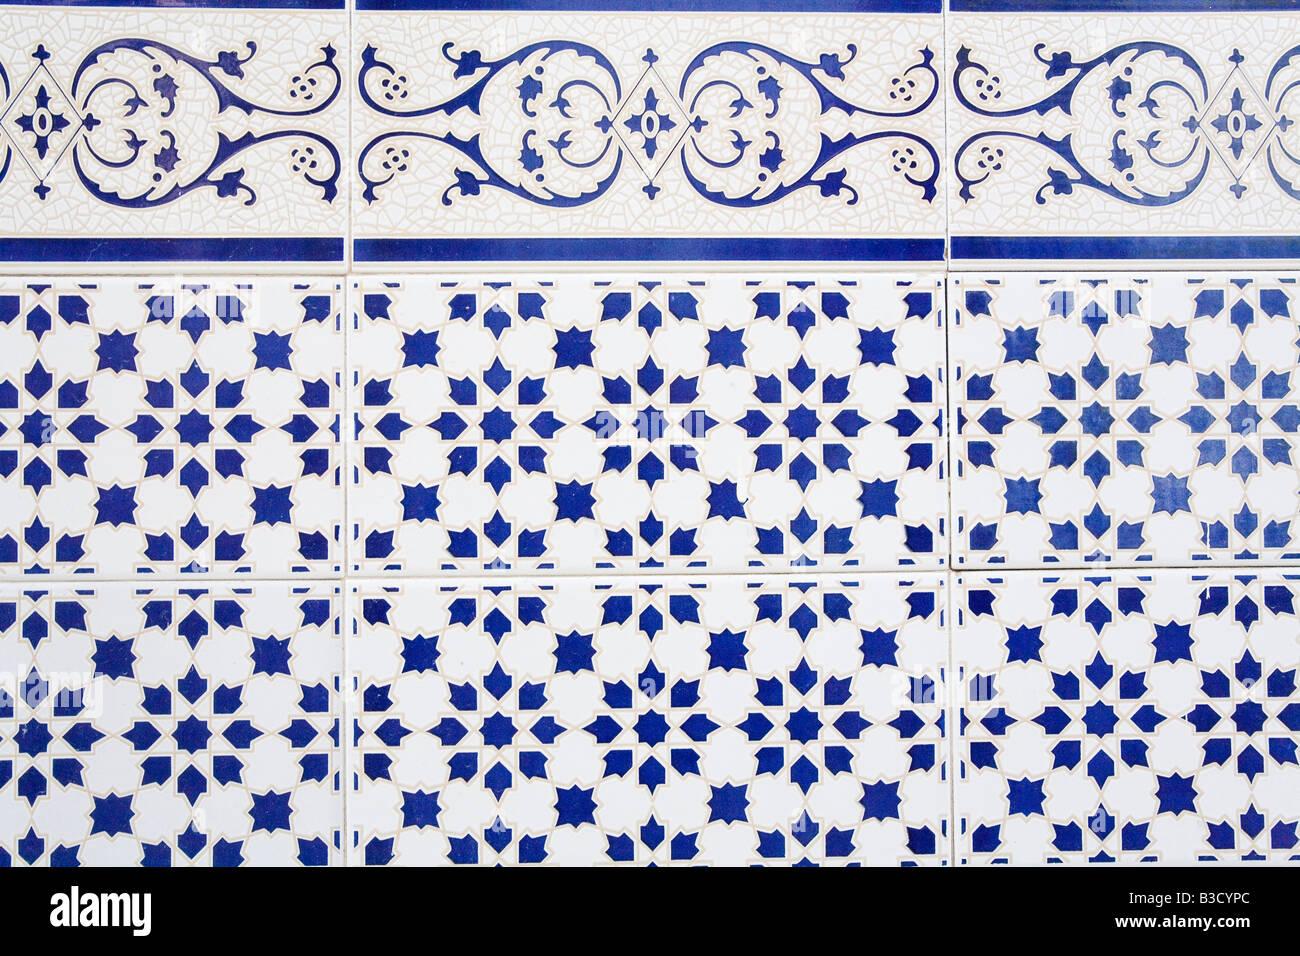 Wall Tiles, full frame - Stock Image